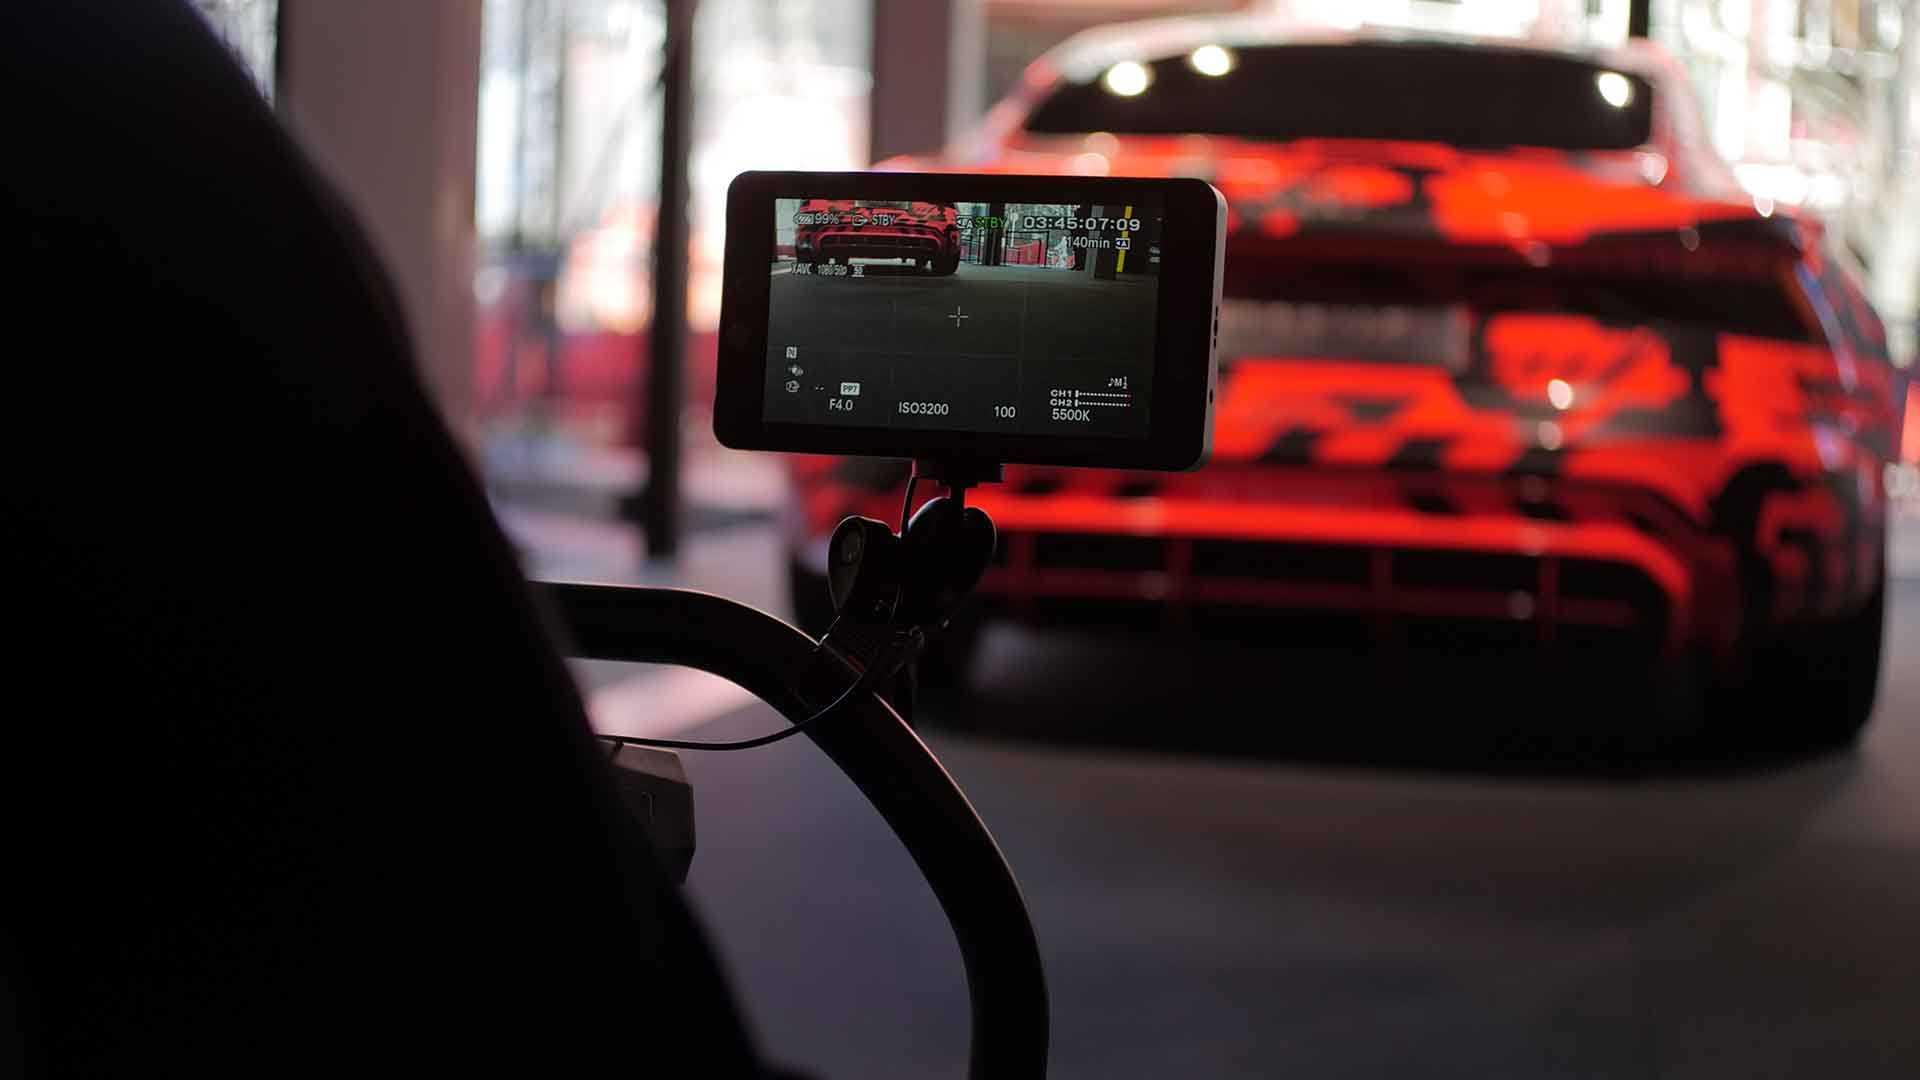 Das Bild zeigt ein rot-schwarz gemustertes Auto. Zu sehen ist nur die Hinteransicht des Autos. Das Auto wird über einen Monitor, der an einem Kamerastab hängt, gezeigt. Der Monitor ist das Zentrum des Bildes, er ist scharf zu sehen. Hinter dem Monitor ist das Auto unscharf zu erkennen. Das Bild dient als Sliderbild für den Portfolioeintrag Audi | Electrifying Berlinale von Panda Pictures.